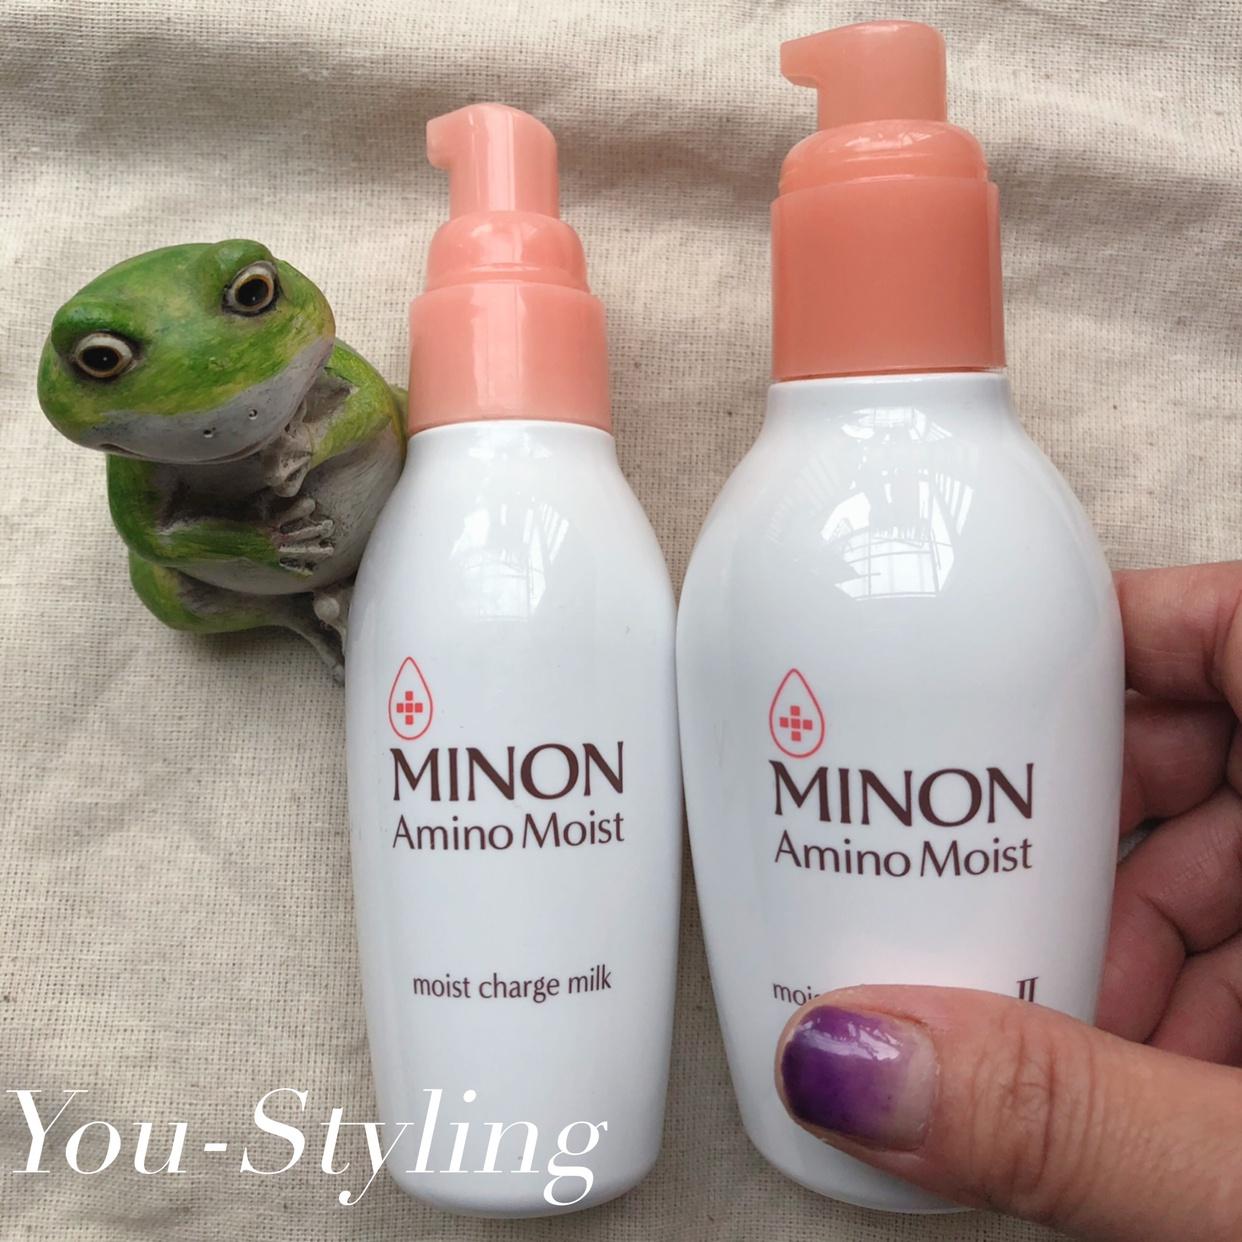 MINON(ミノン) アミノモイスト モイストチャージ ミルクを使った國唯ひろみさんのクチコミ画像